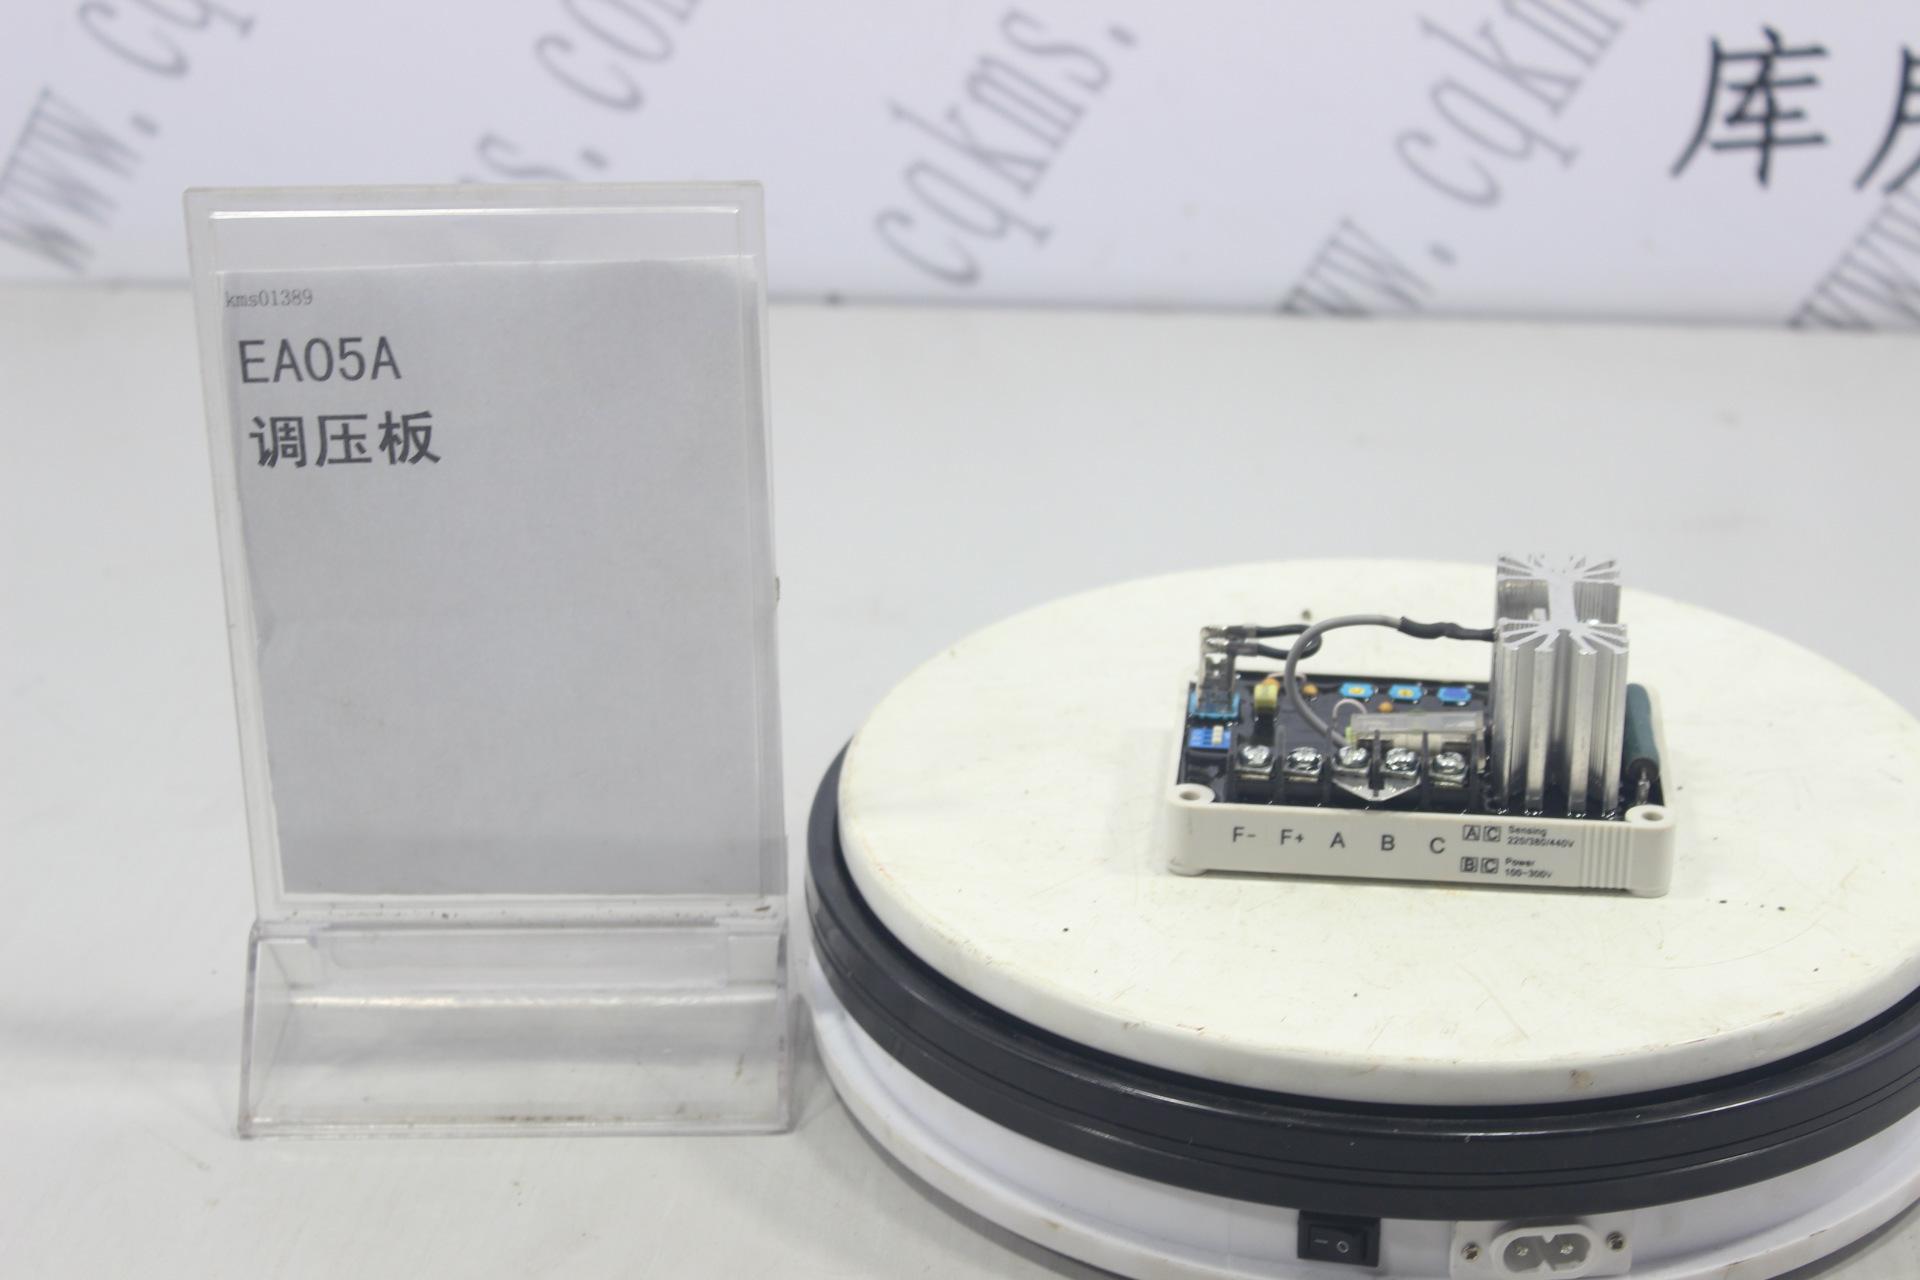 kms01389-EA05A-调压板---参考规格100mmL*68.5mmW*33mmH-参考重量250-250图片3